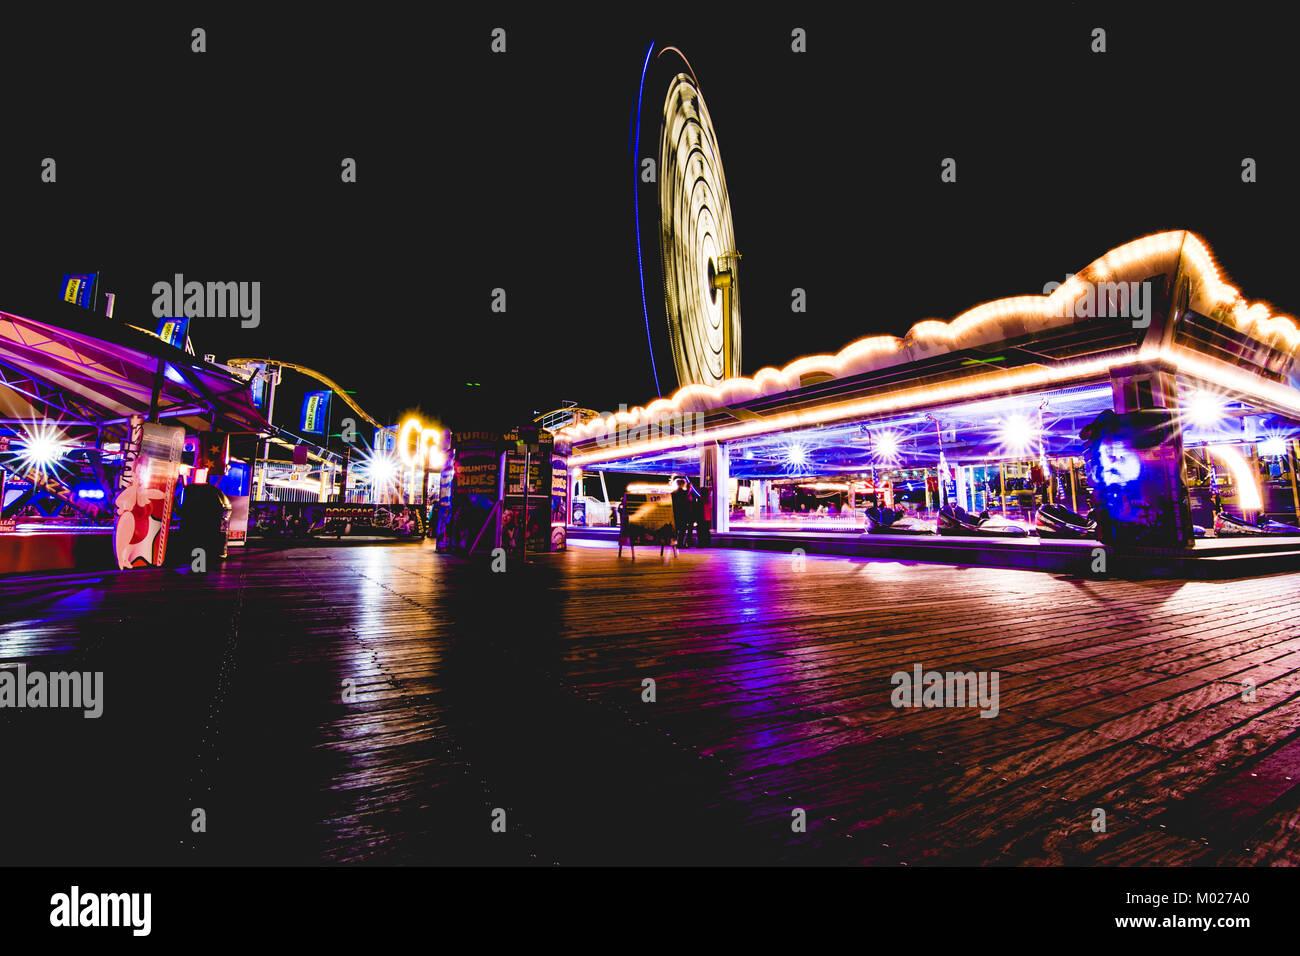 Night time on the Palace Pier, Brighton UK - Stock Image